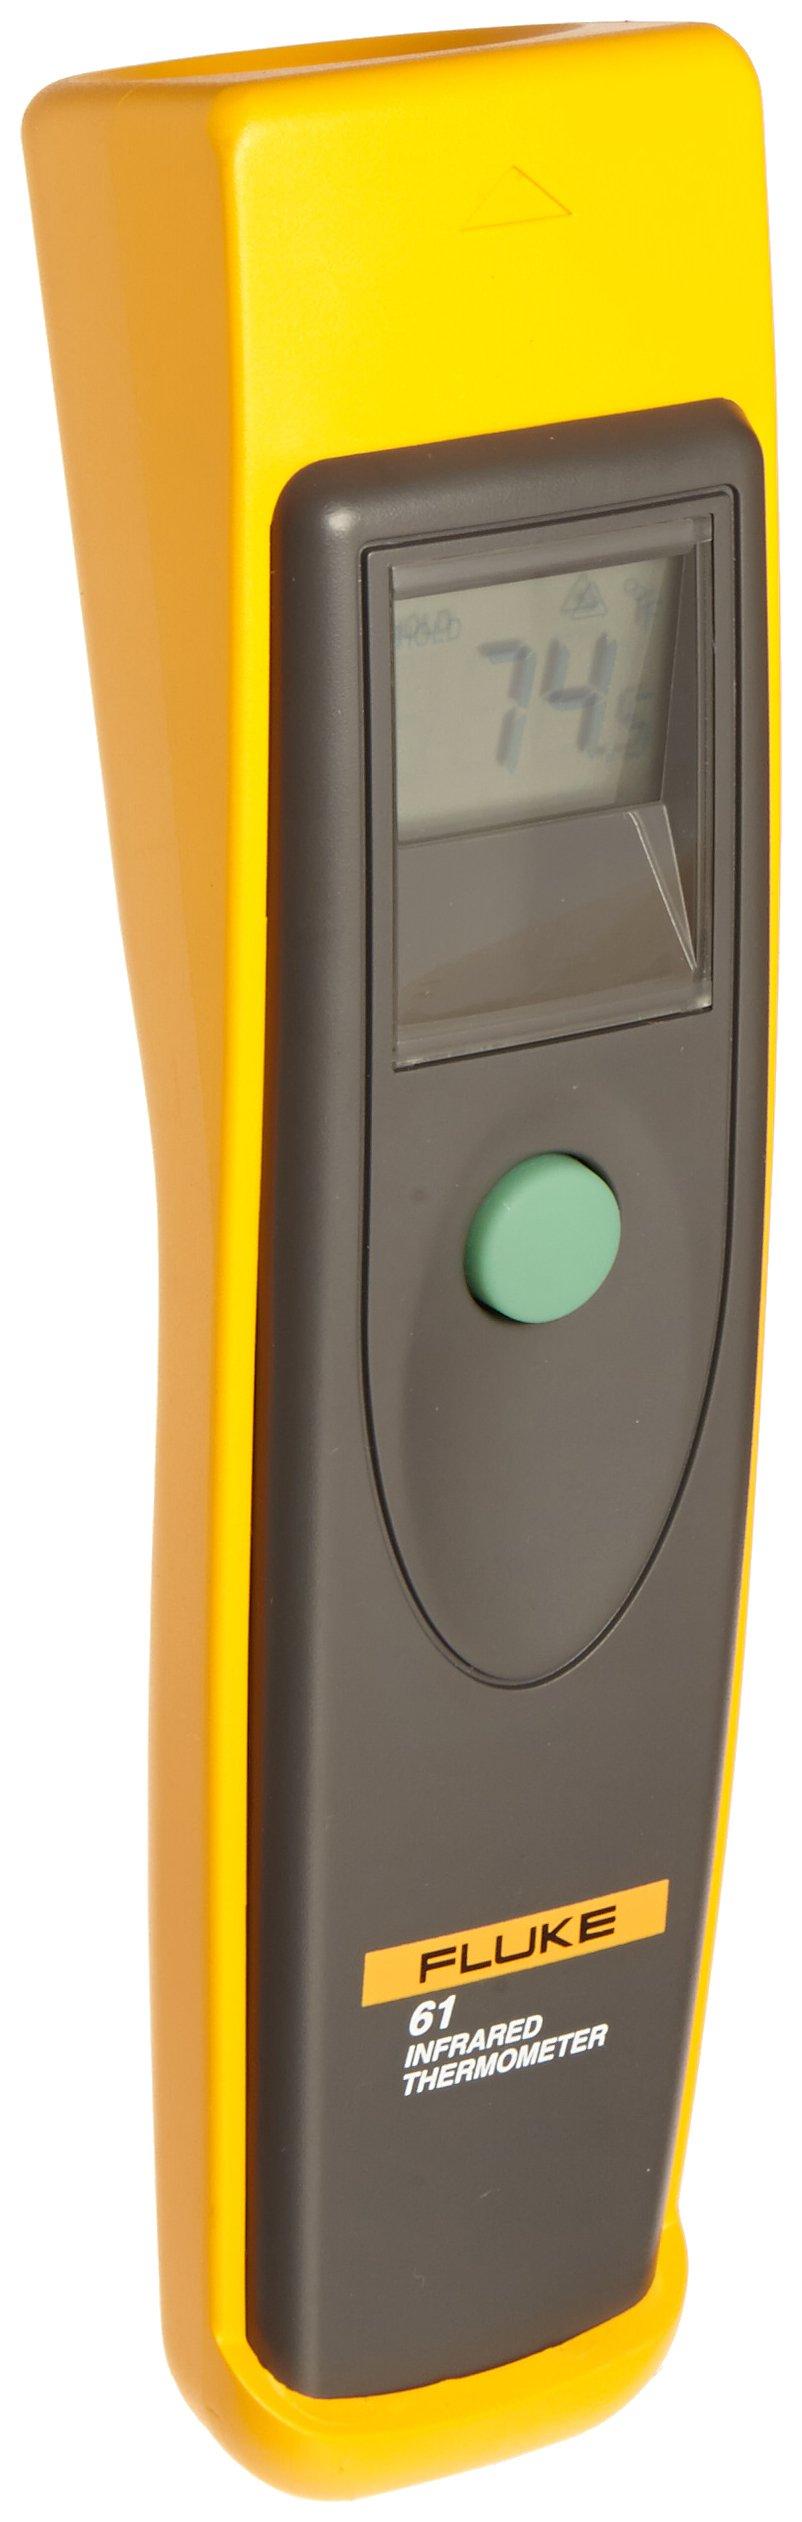 Fluke 61 Handheld Infrared Thermometer, 9V Alkaline battery, 0 to 525 Degree F Range by Fluke